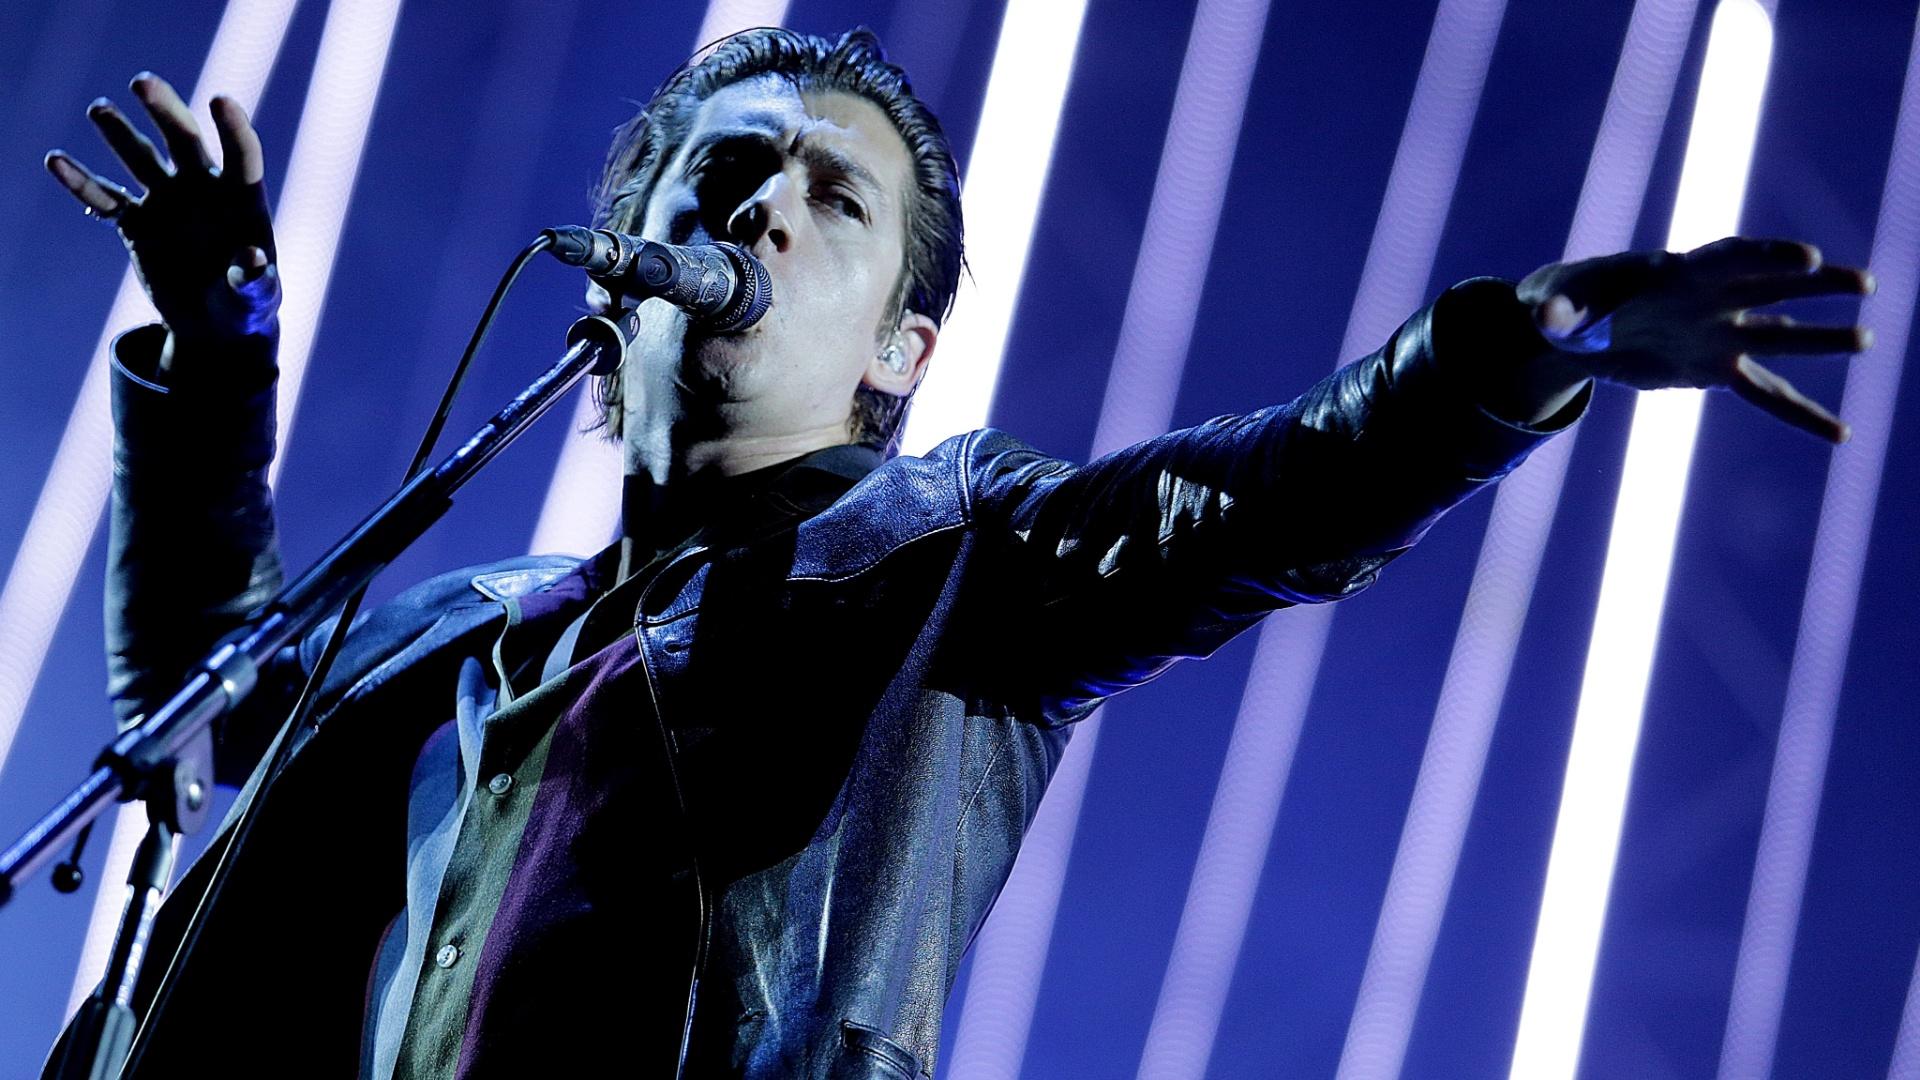 14.nov.2014 - Em noite chuvosa, Arctic Monkeys sobe ao palco da Arena Anhembi, zona norte de São Paulo, nesta sexta-feira. Em clima de cabaré indie, a banda britânica traz ao Brasil a turnê do álbum ?AM?, o quinto da banda, lançado no ano passado, que também vem sendo apresentado na América do Sul desde o último dia 4, quando a banda tocou na Colômbia